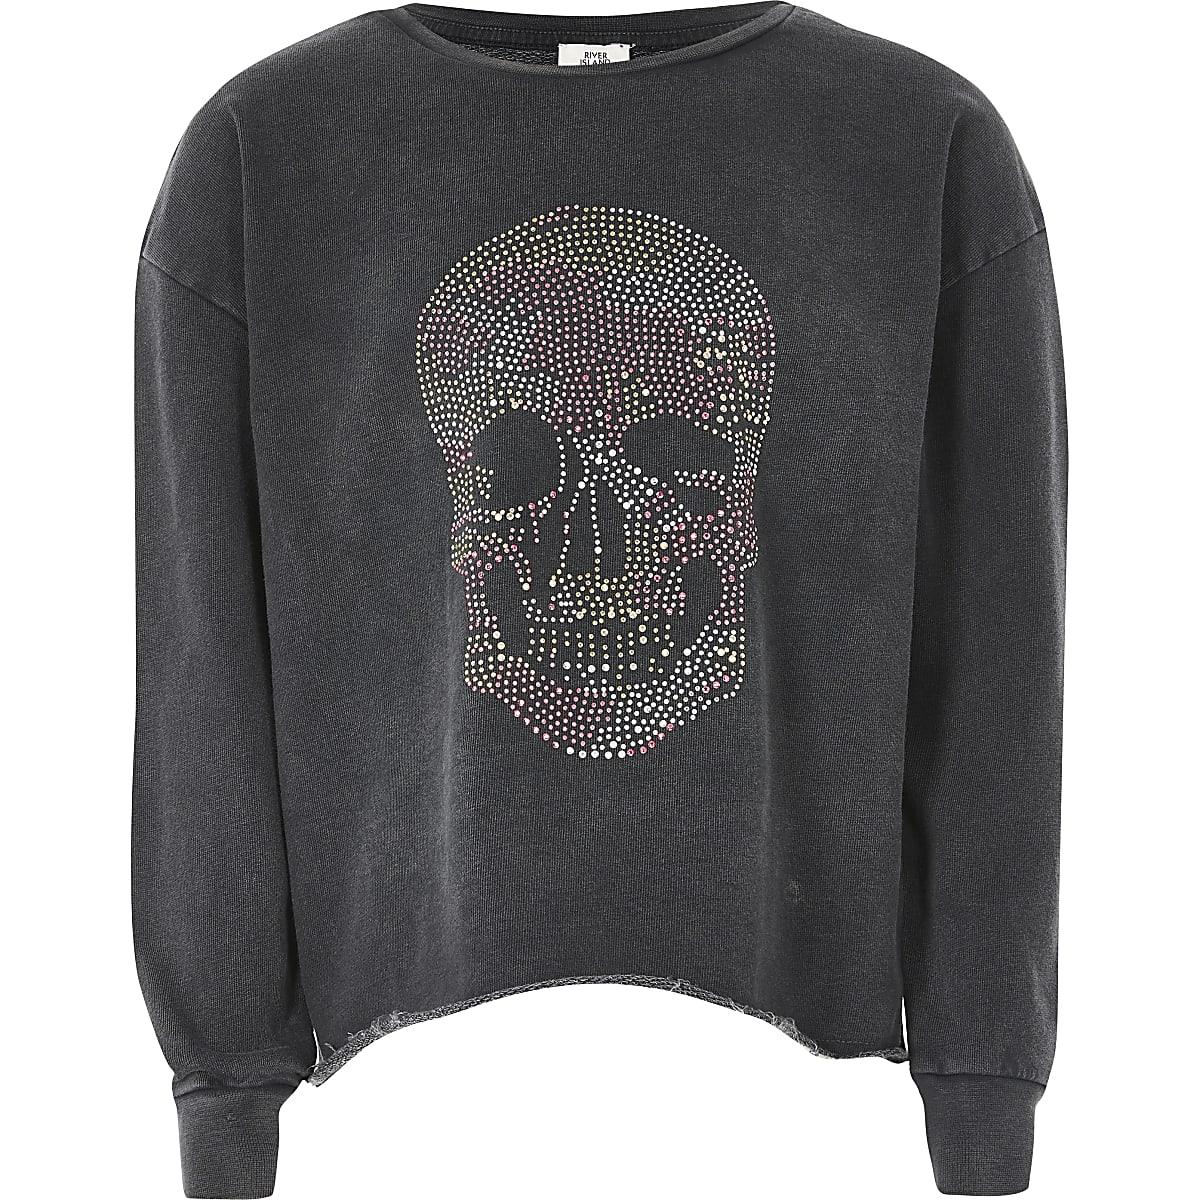 Grijs sweatshirt met lange mouwen en doodshoofdprint voor meisjes